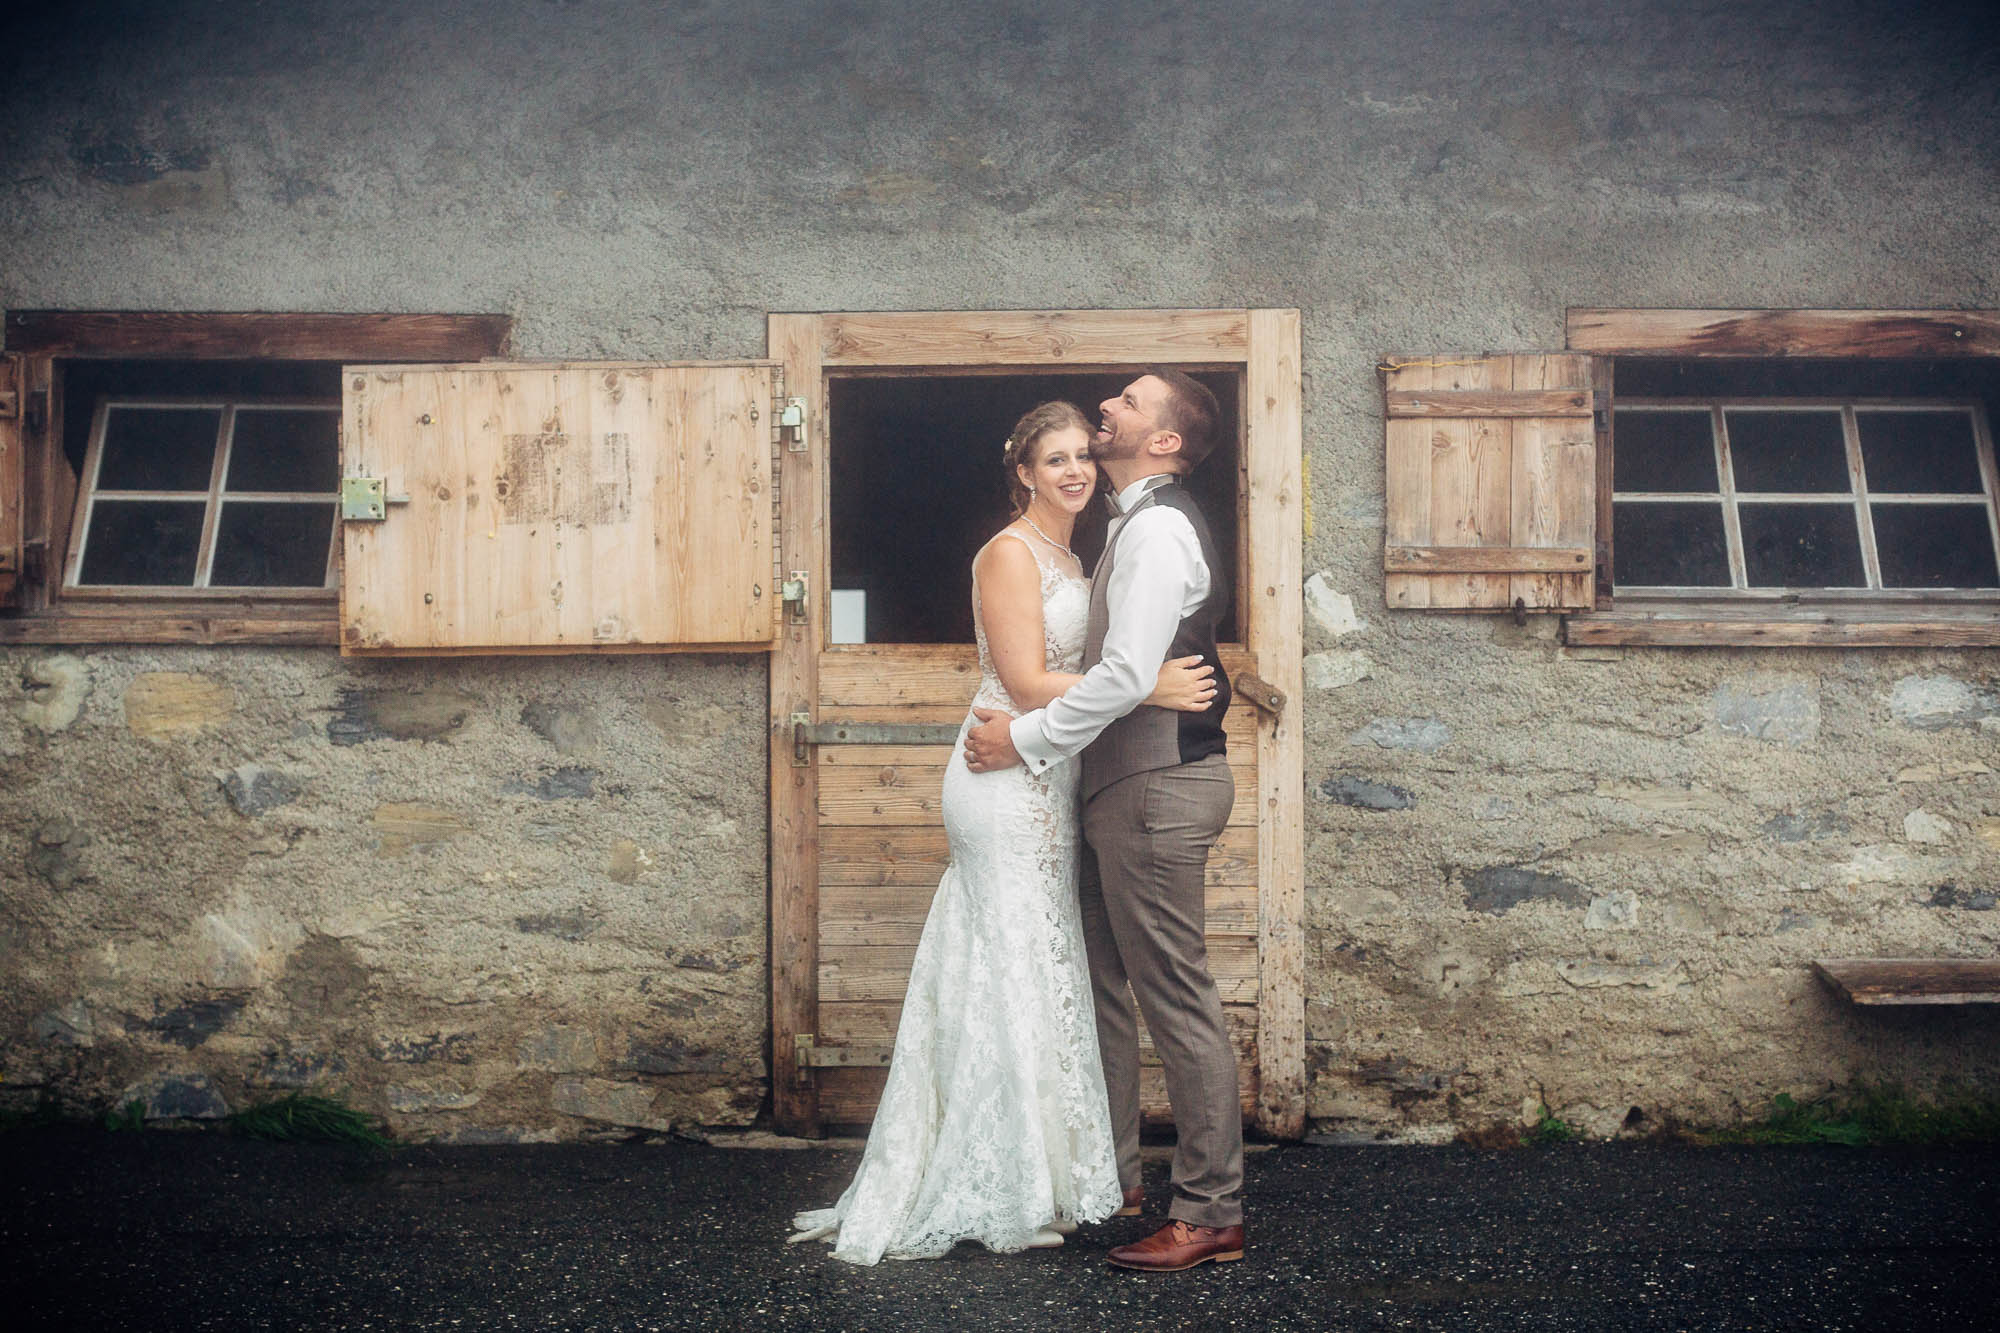 Hochzeitspaar im Nebel stehend vor Alpgebäude